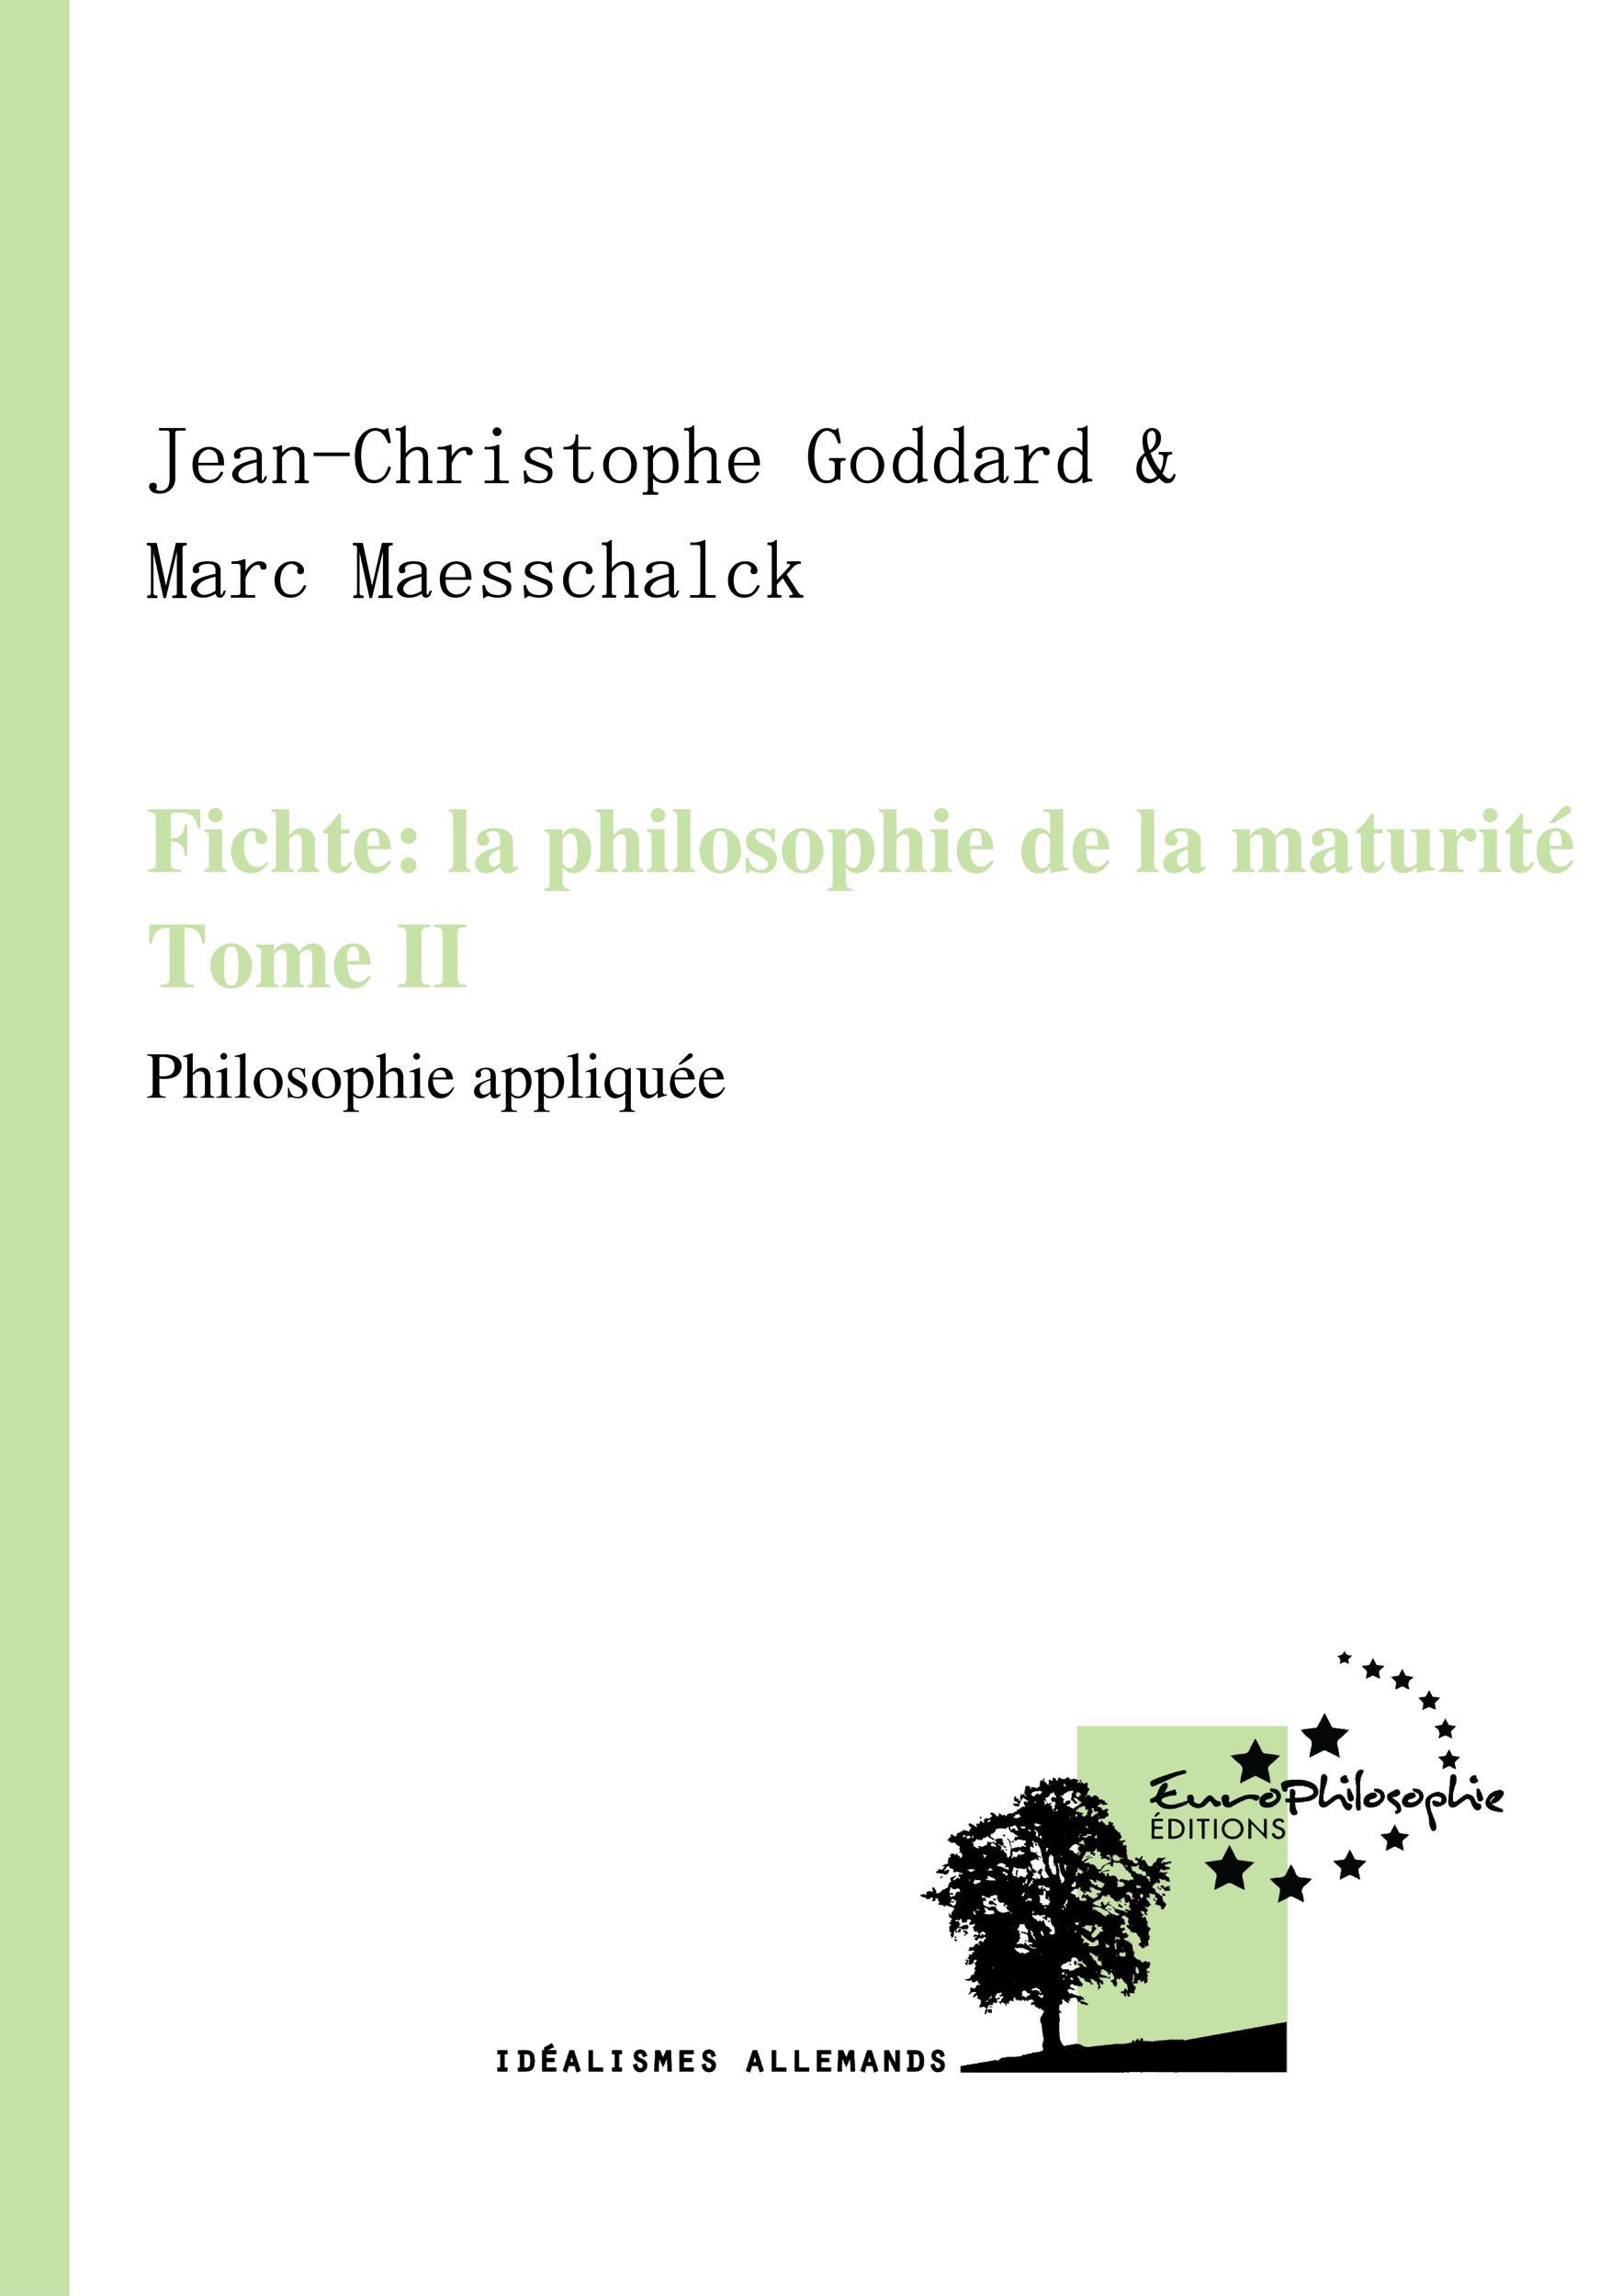 Fichte: la philosophie de la maturité. Tome II, PHILOSOPHIE APPLIQUÉE